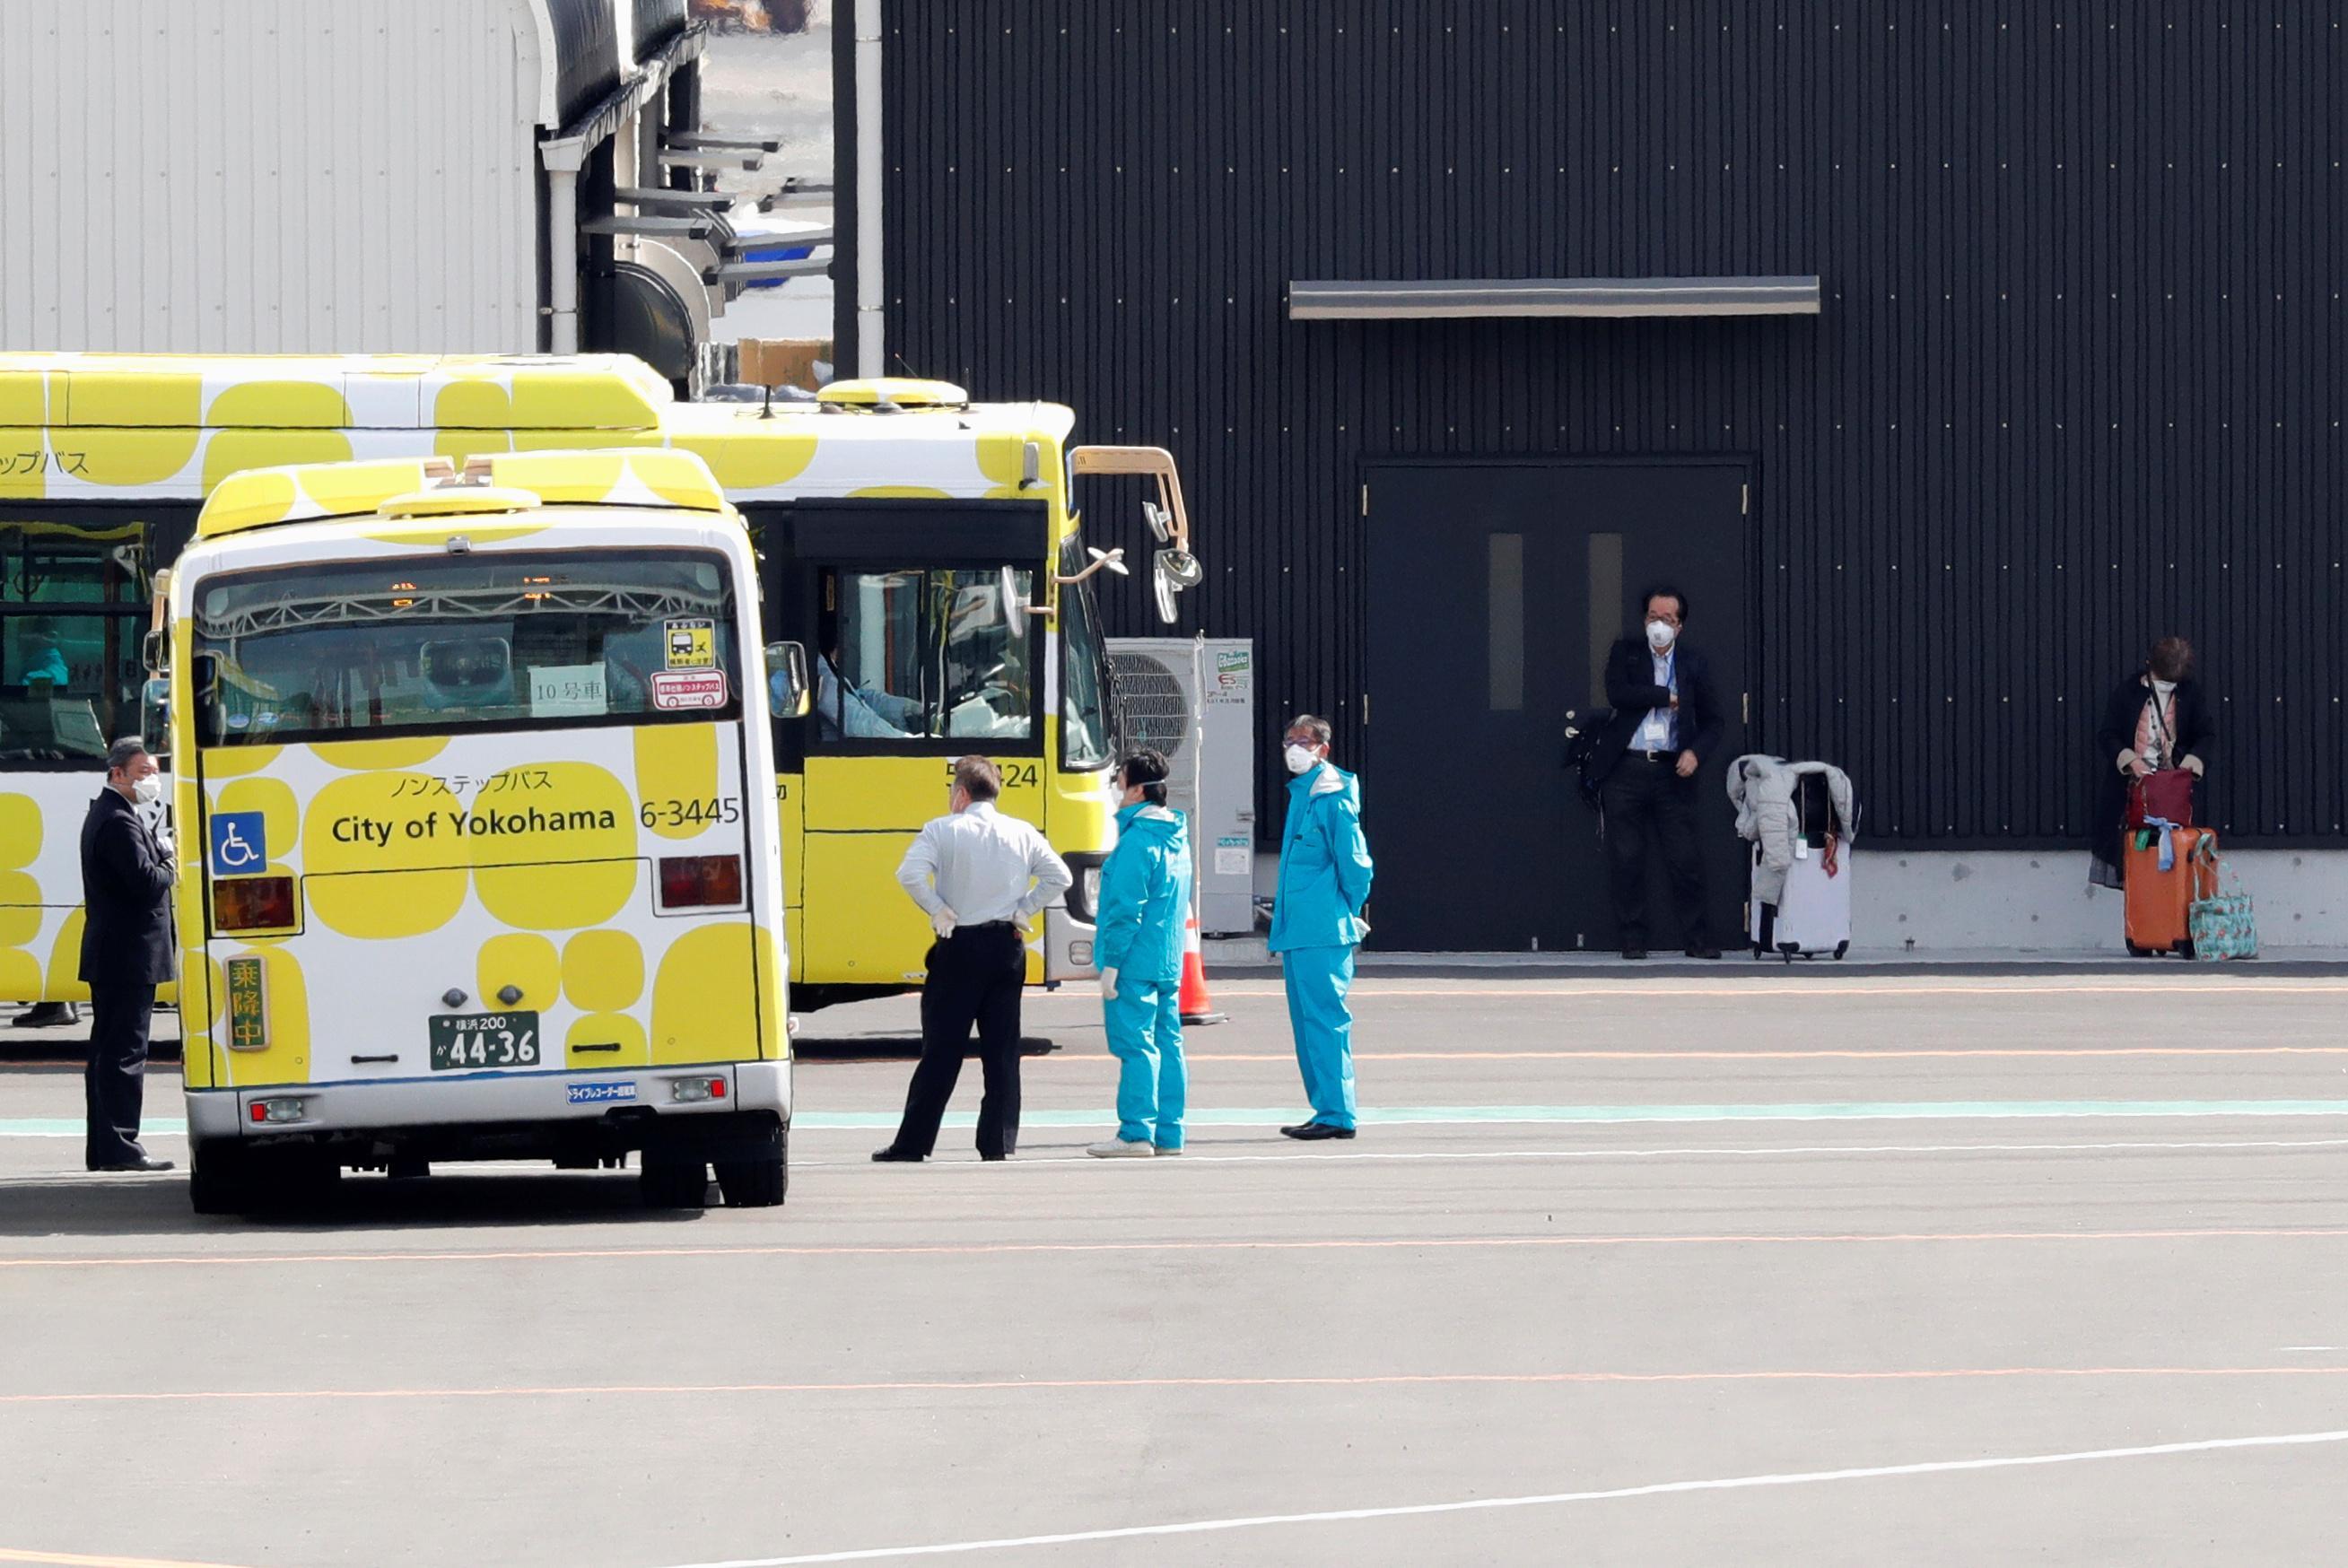 Les passagers quittent enfin le navire de croisière Coronavirus alors que les efforts de contrôle du Japon sont sous le feu